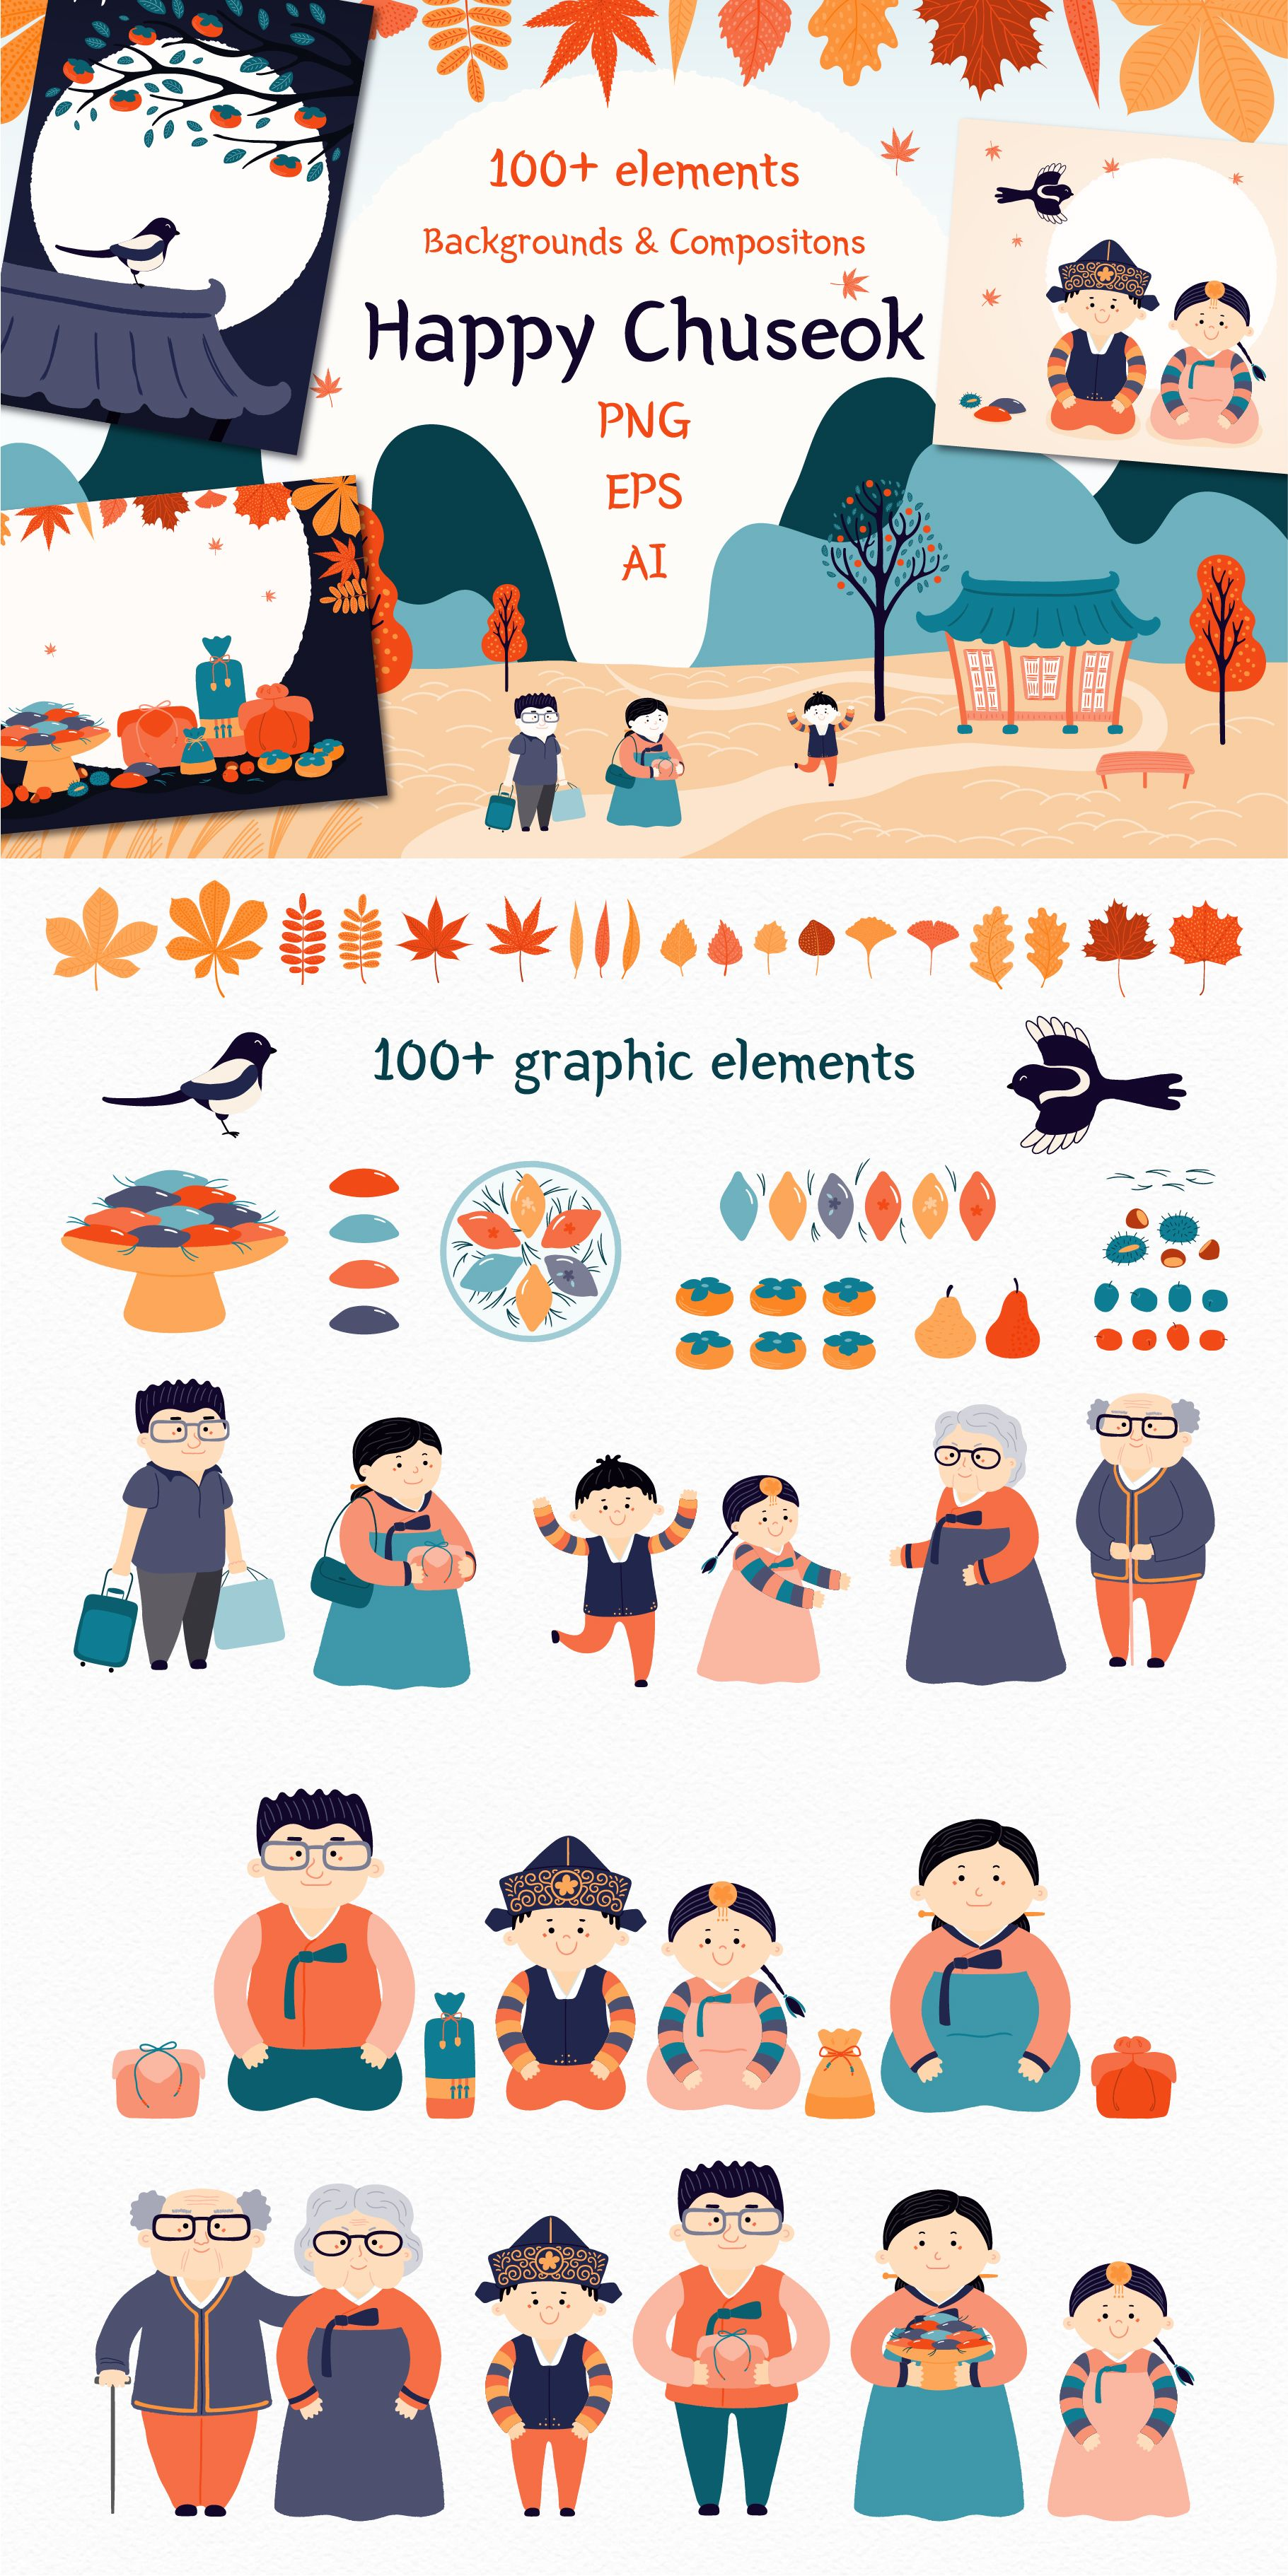 Korean Holiday Chuseok Vector Art In 2020 Korean Holidays Hand Drawn Vector Illustrations Children Illustration